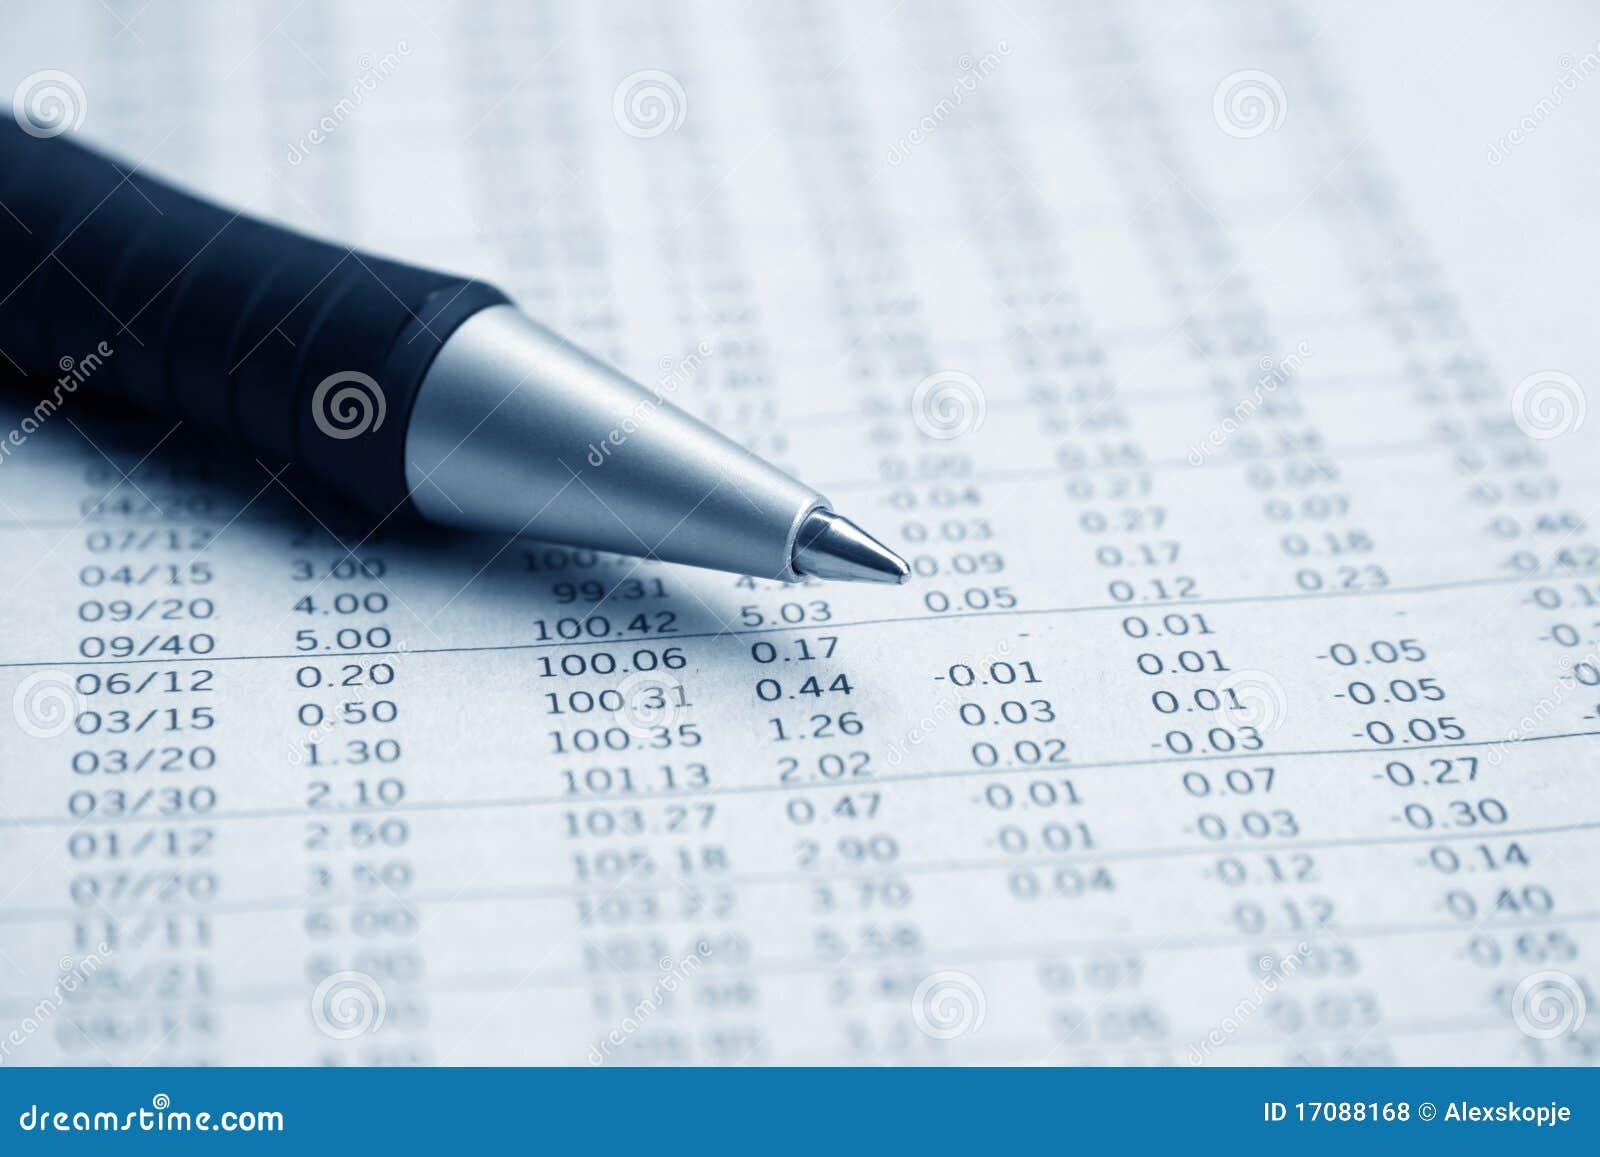 финансовохозяйственный рапорт